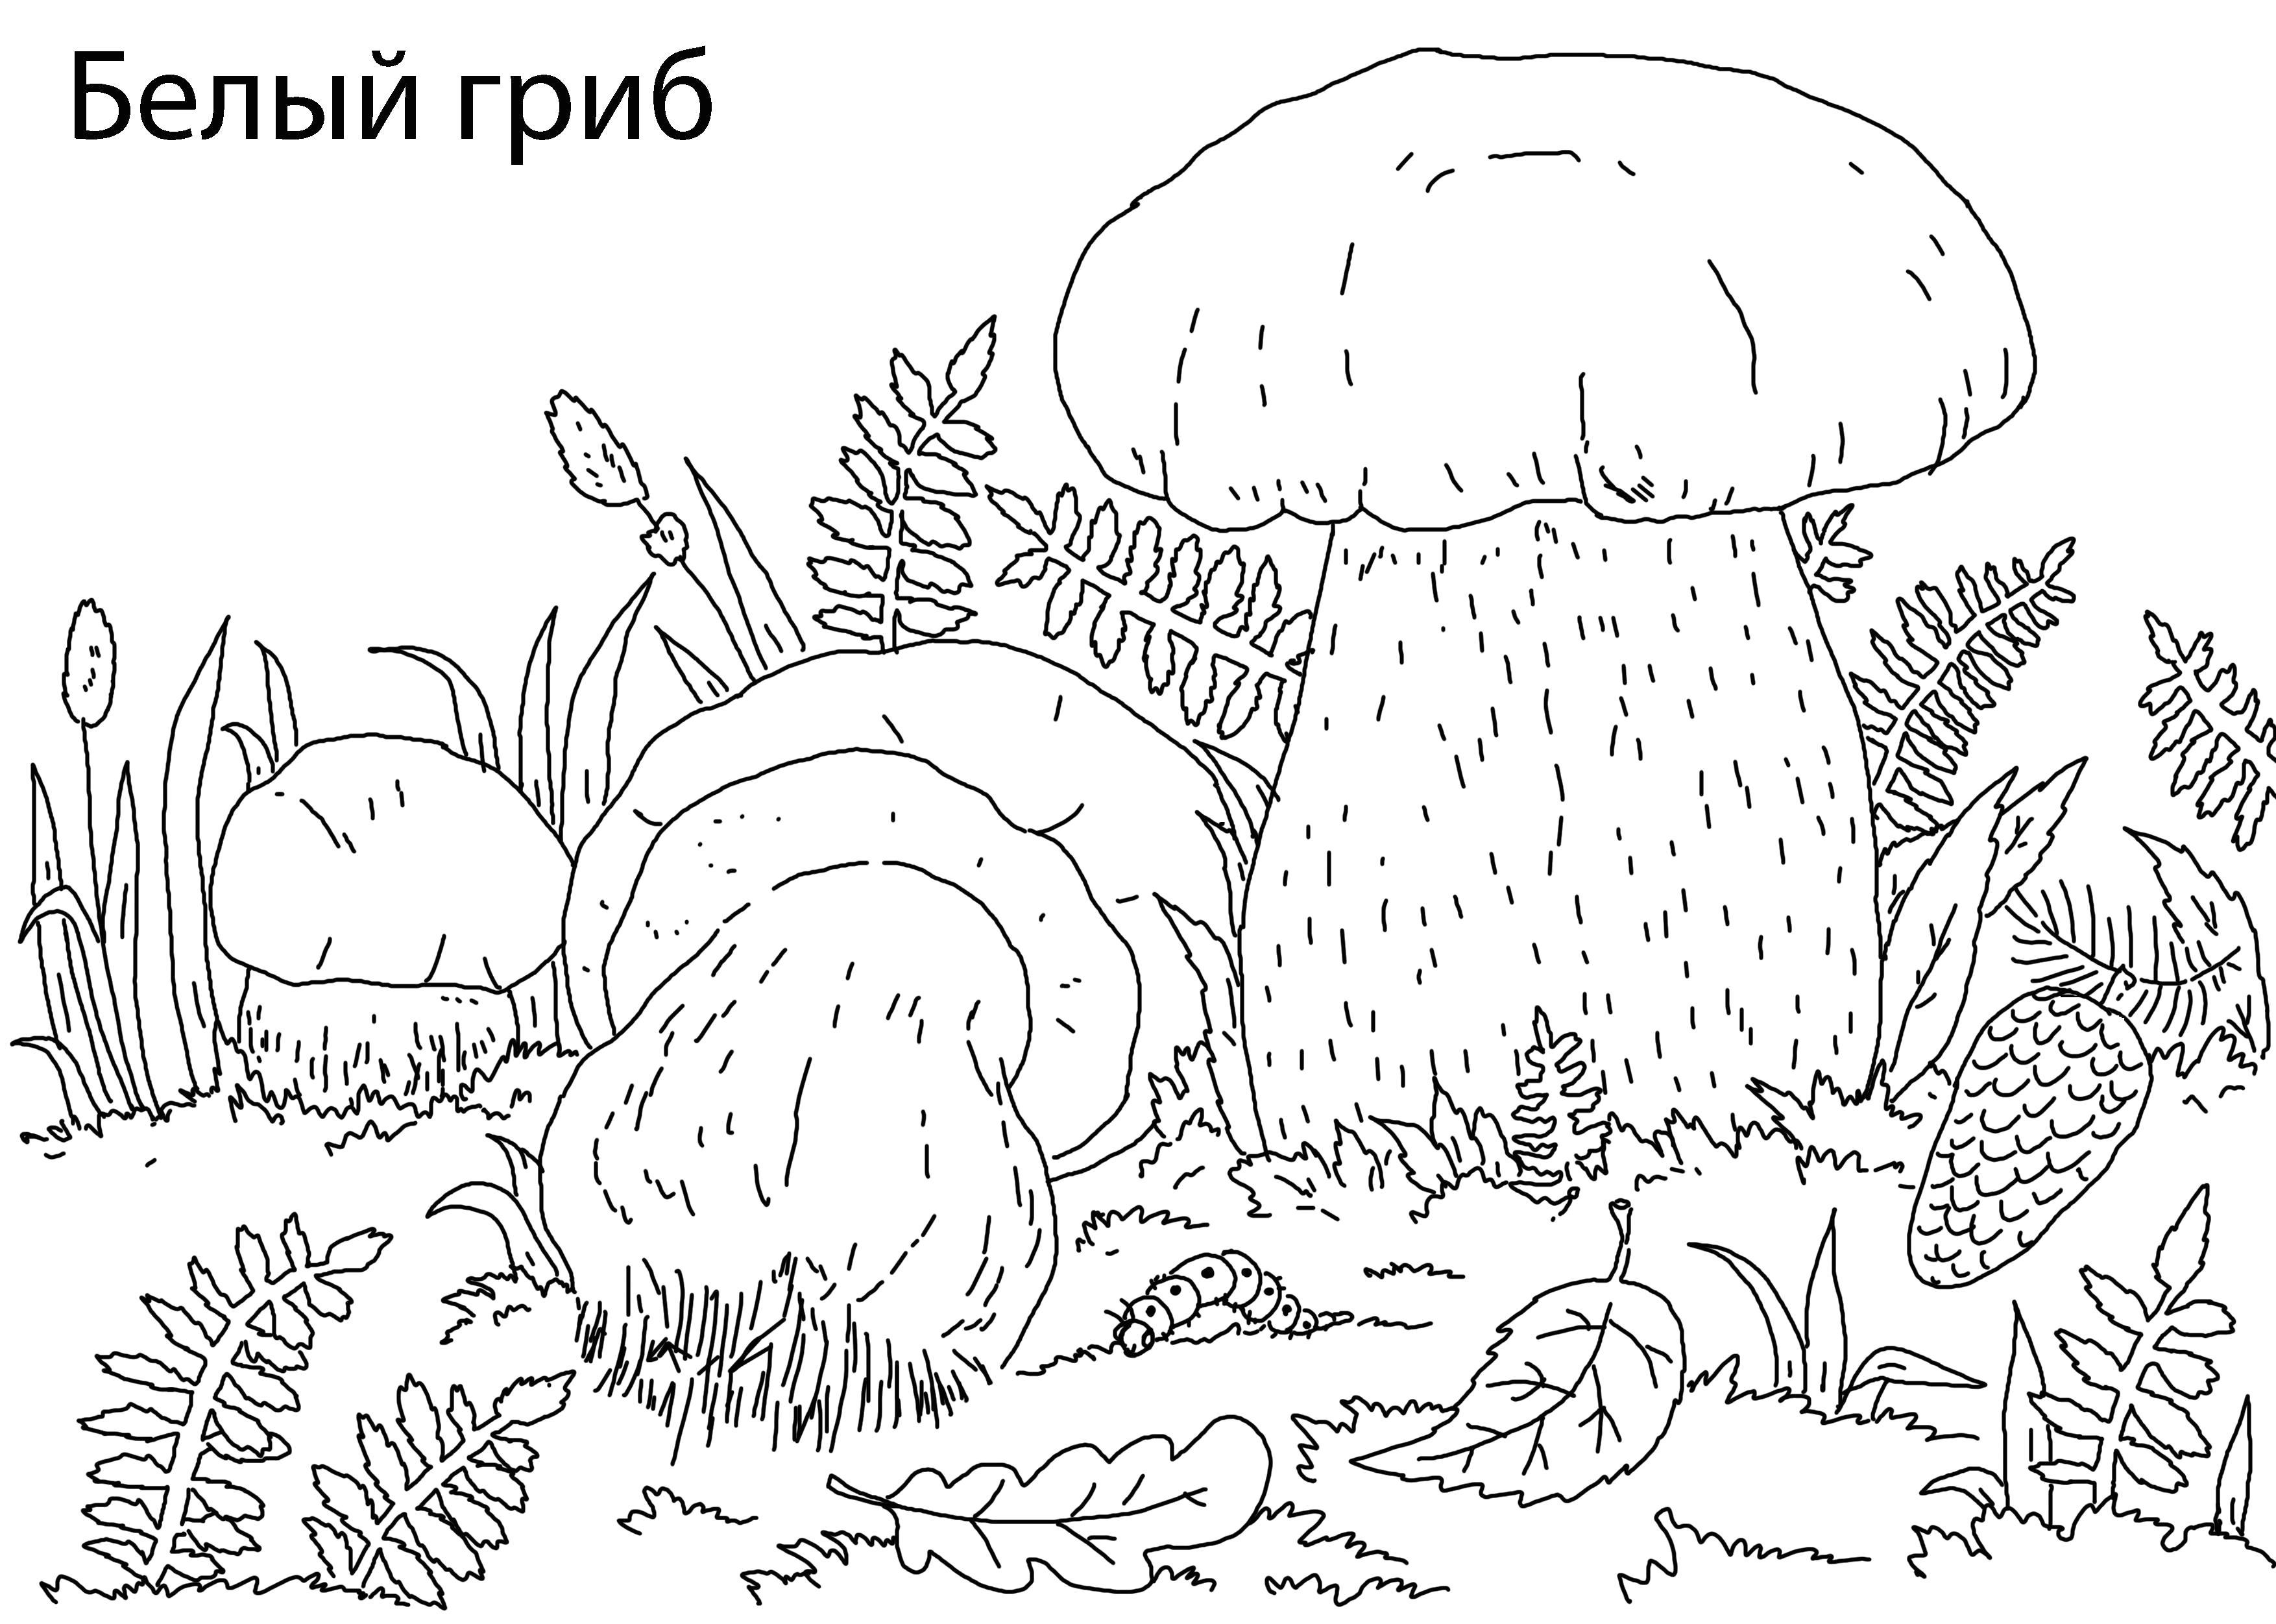 Раскраска 5белый гриб. Скачать гриб.  Распечатать растения